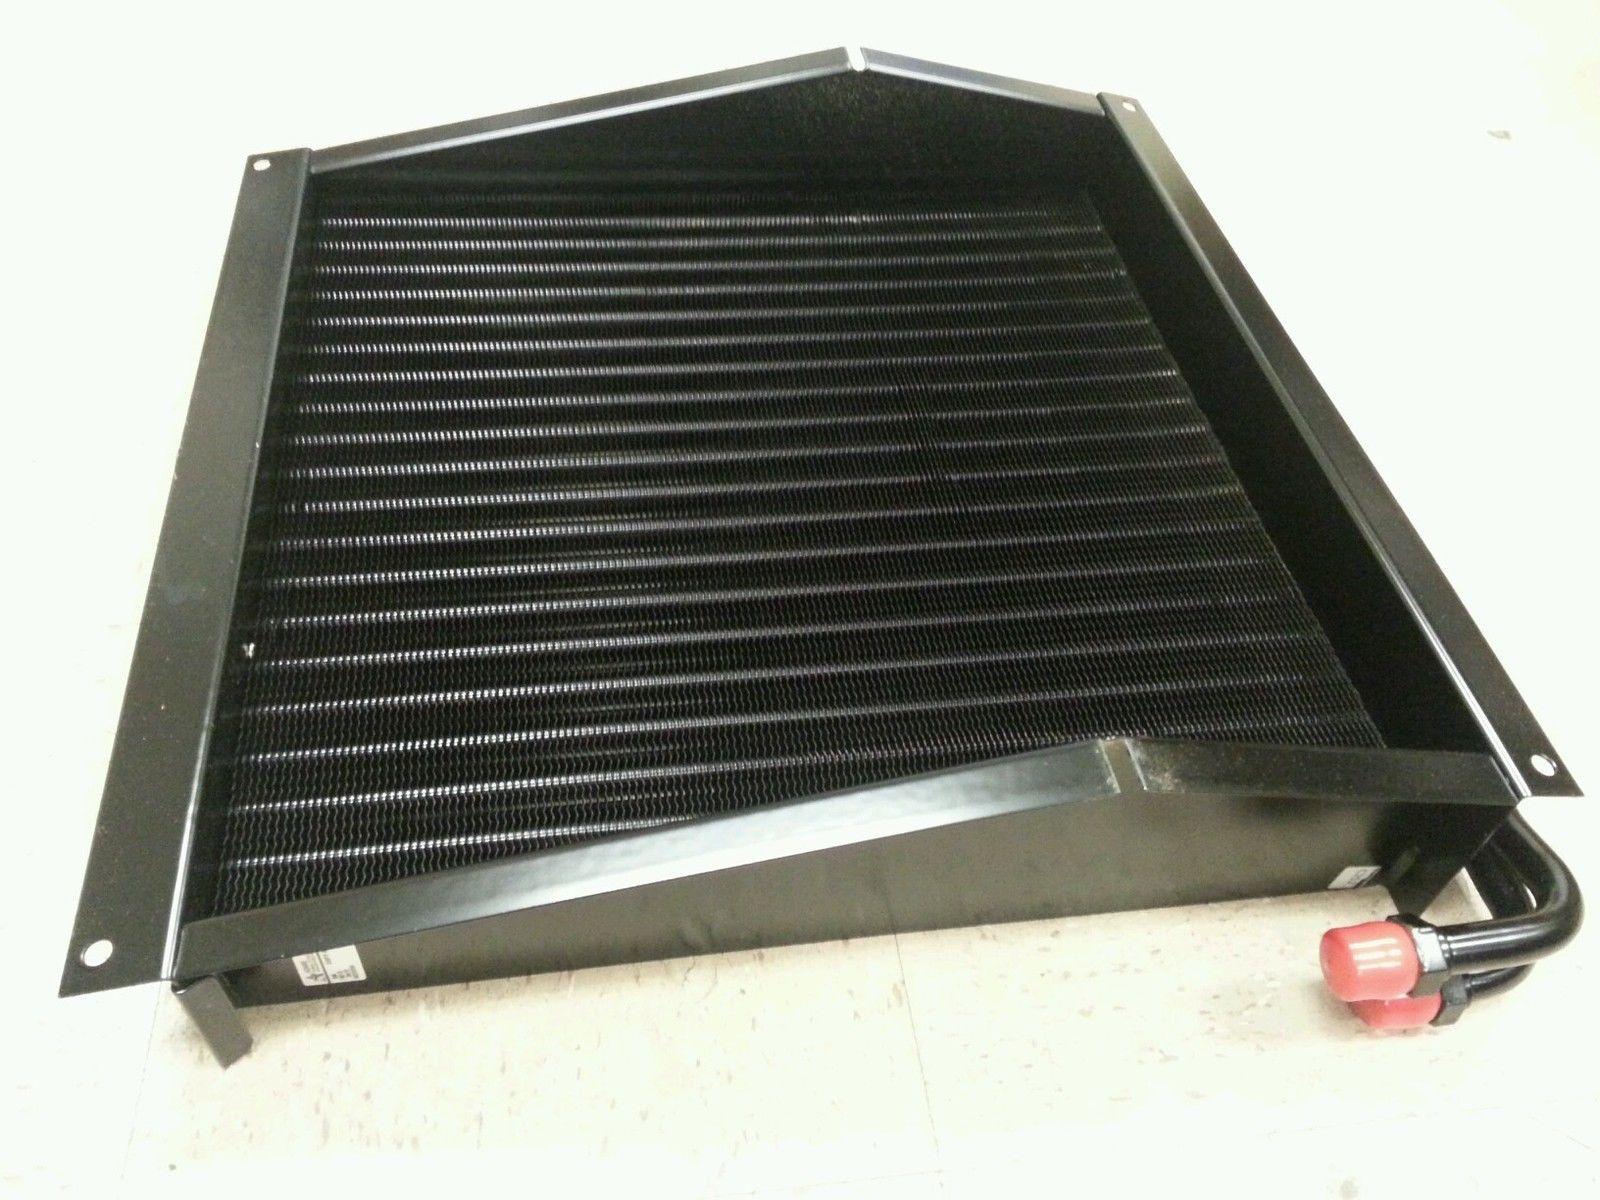 Case 1845c parts